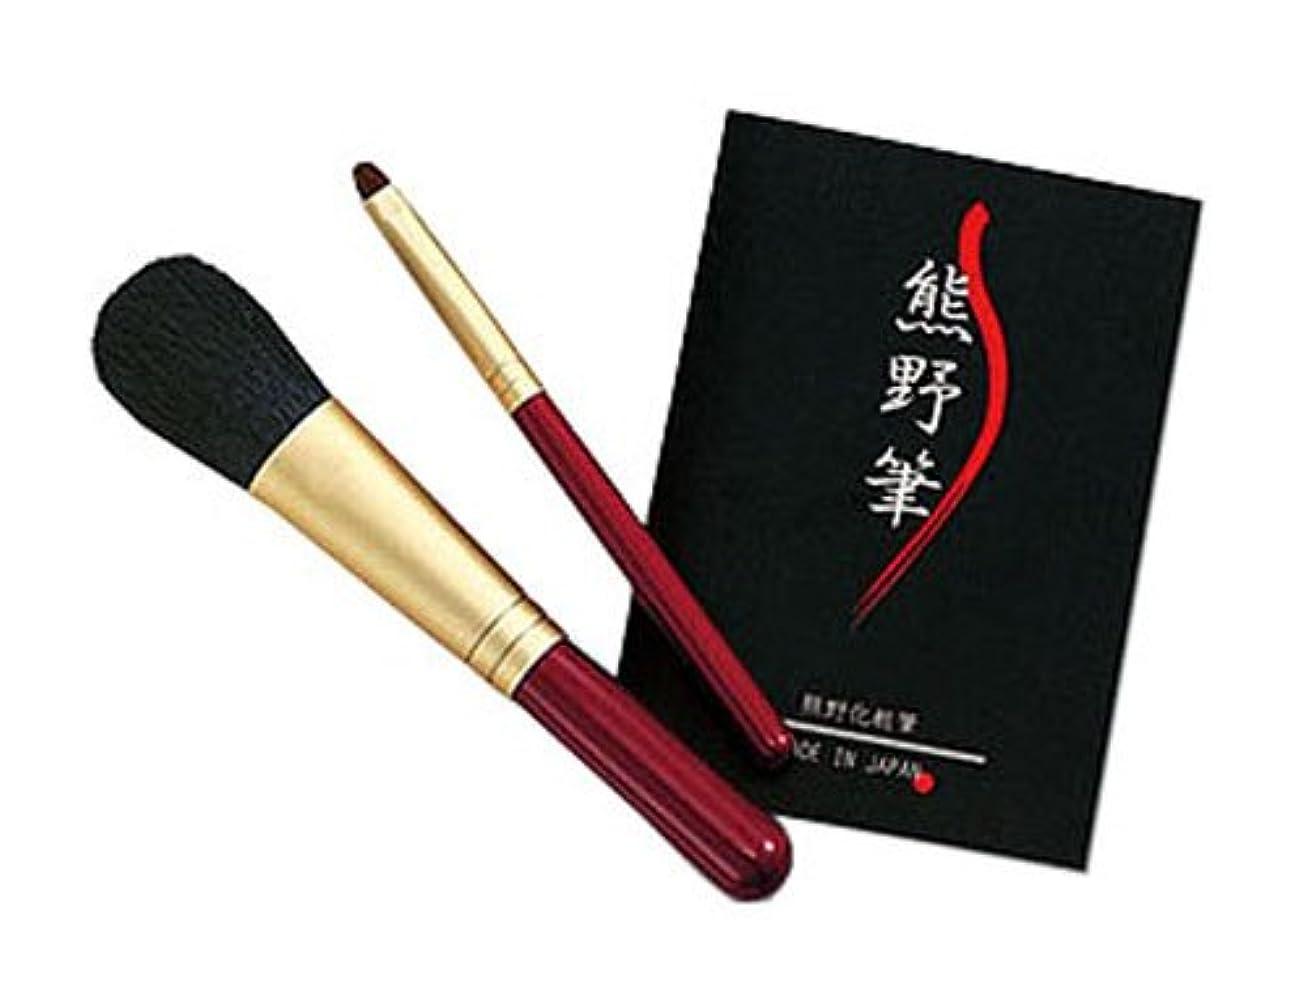 インゲン酸化する手がかり熊野筆 化粧筆セット 筆の心 KFi-50R